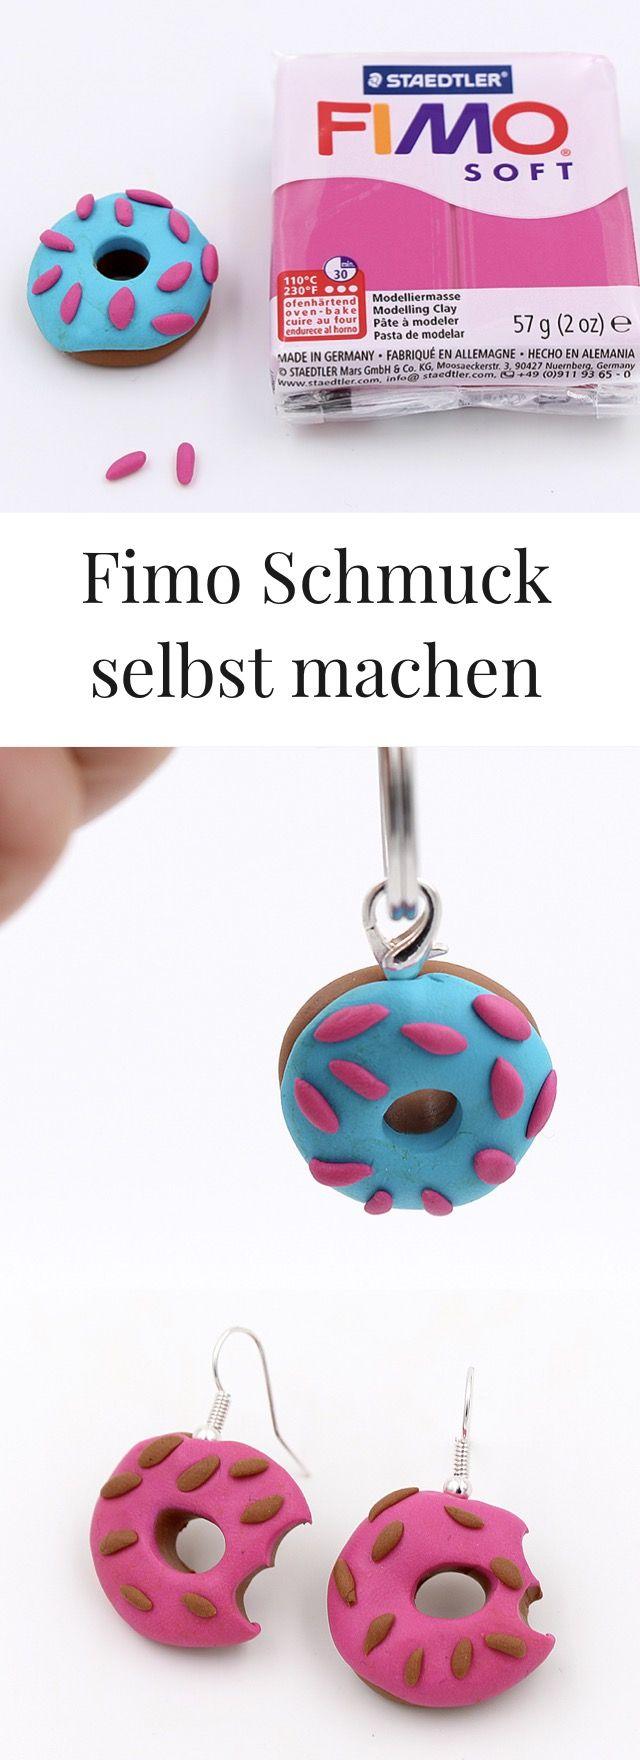 DIY: Fimo Schmuck schnell und unkompliziert selbst basteln. Anleitung und Ideen.